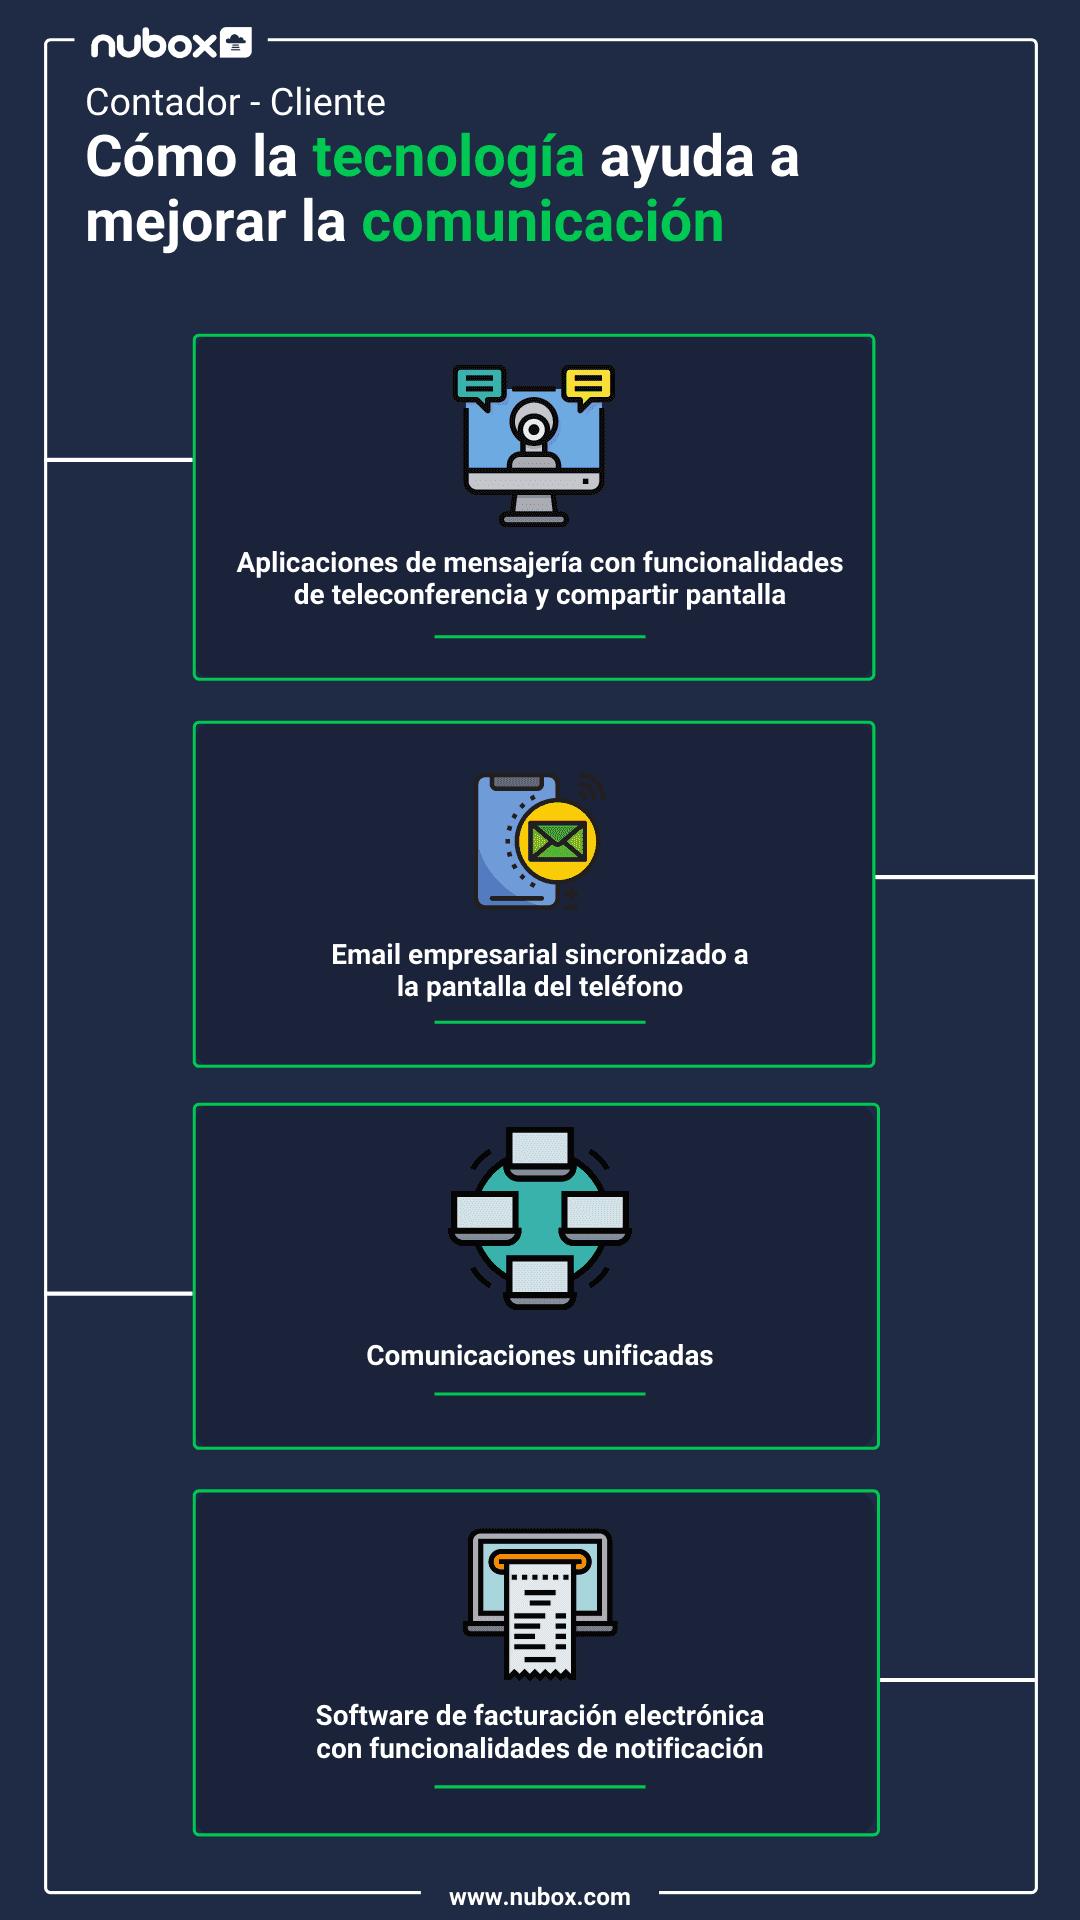 Cómo la tecnología ayuda a mejorar la comunicación contador-cliente (1)